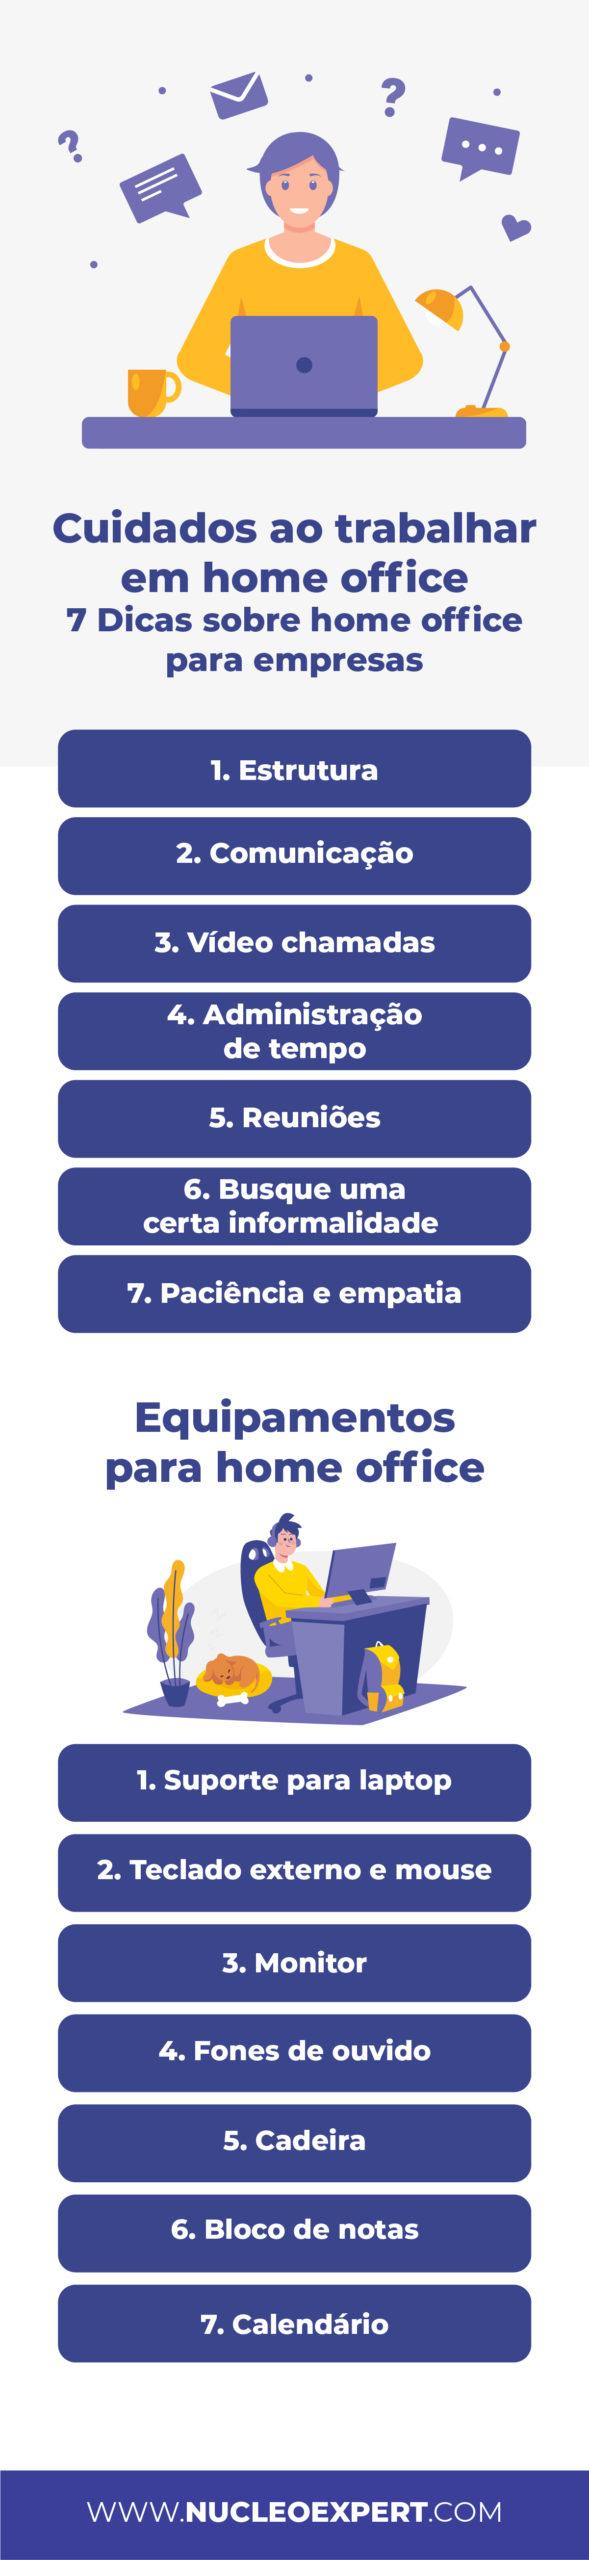 Infográfico - Home Office - Como Trabalhar Remotamente